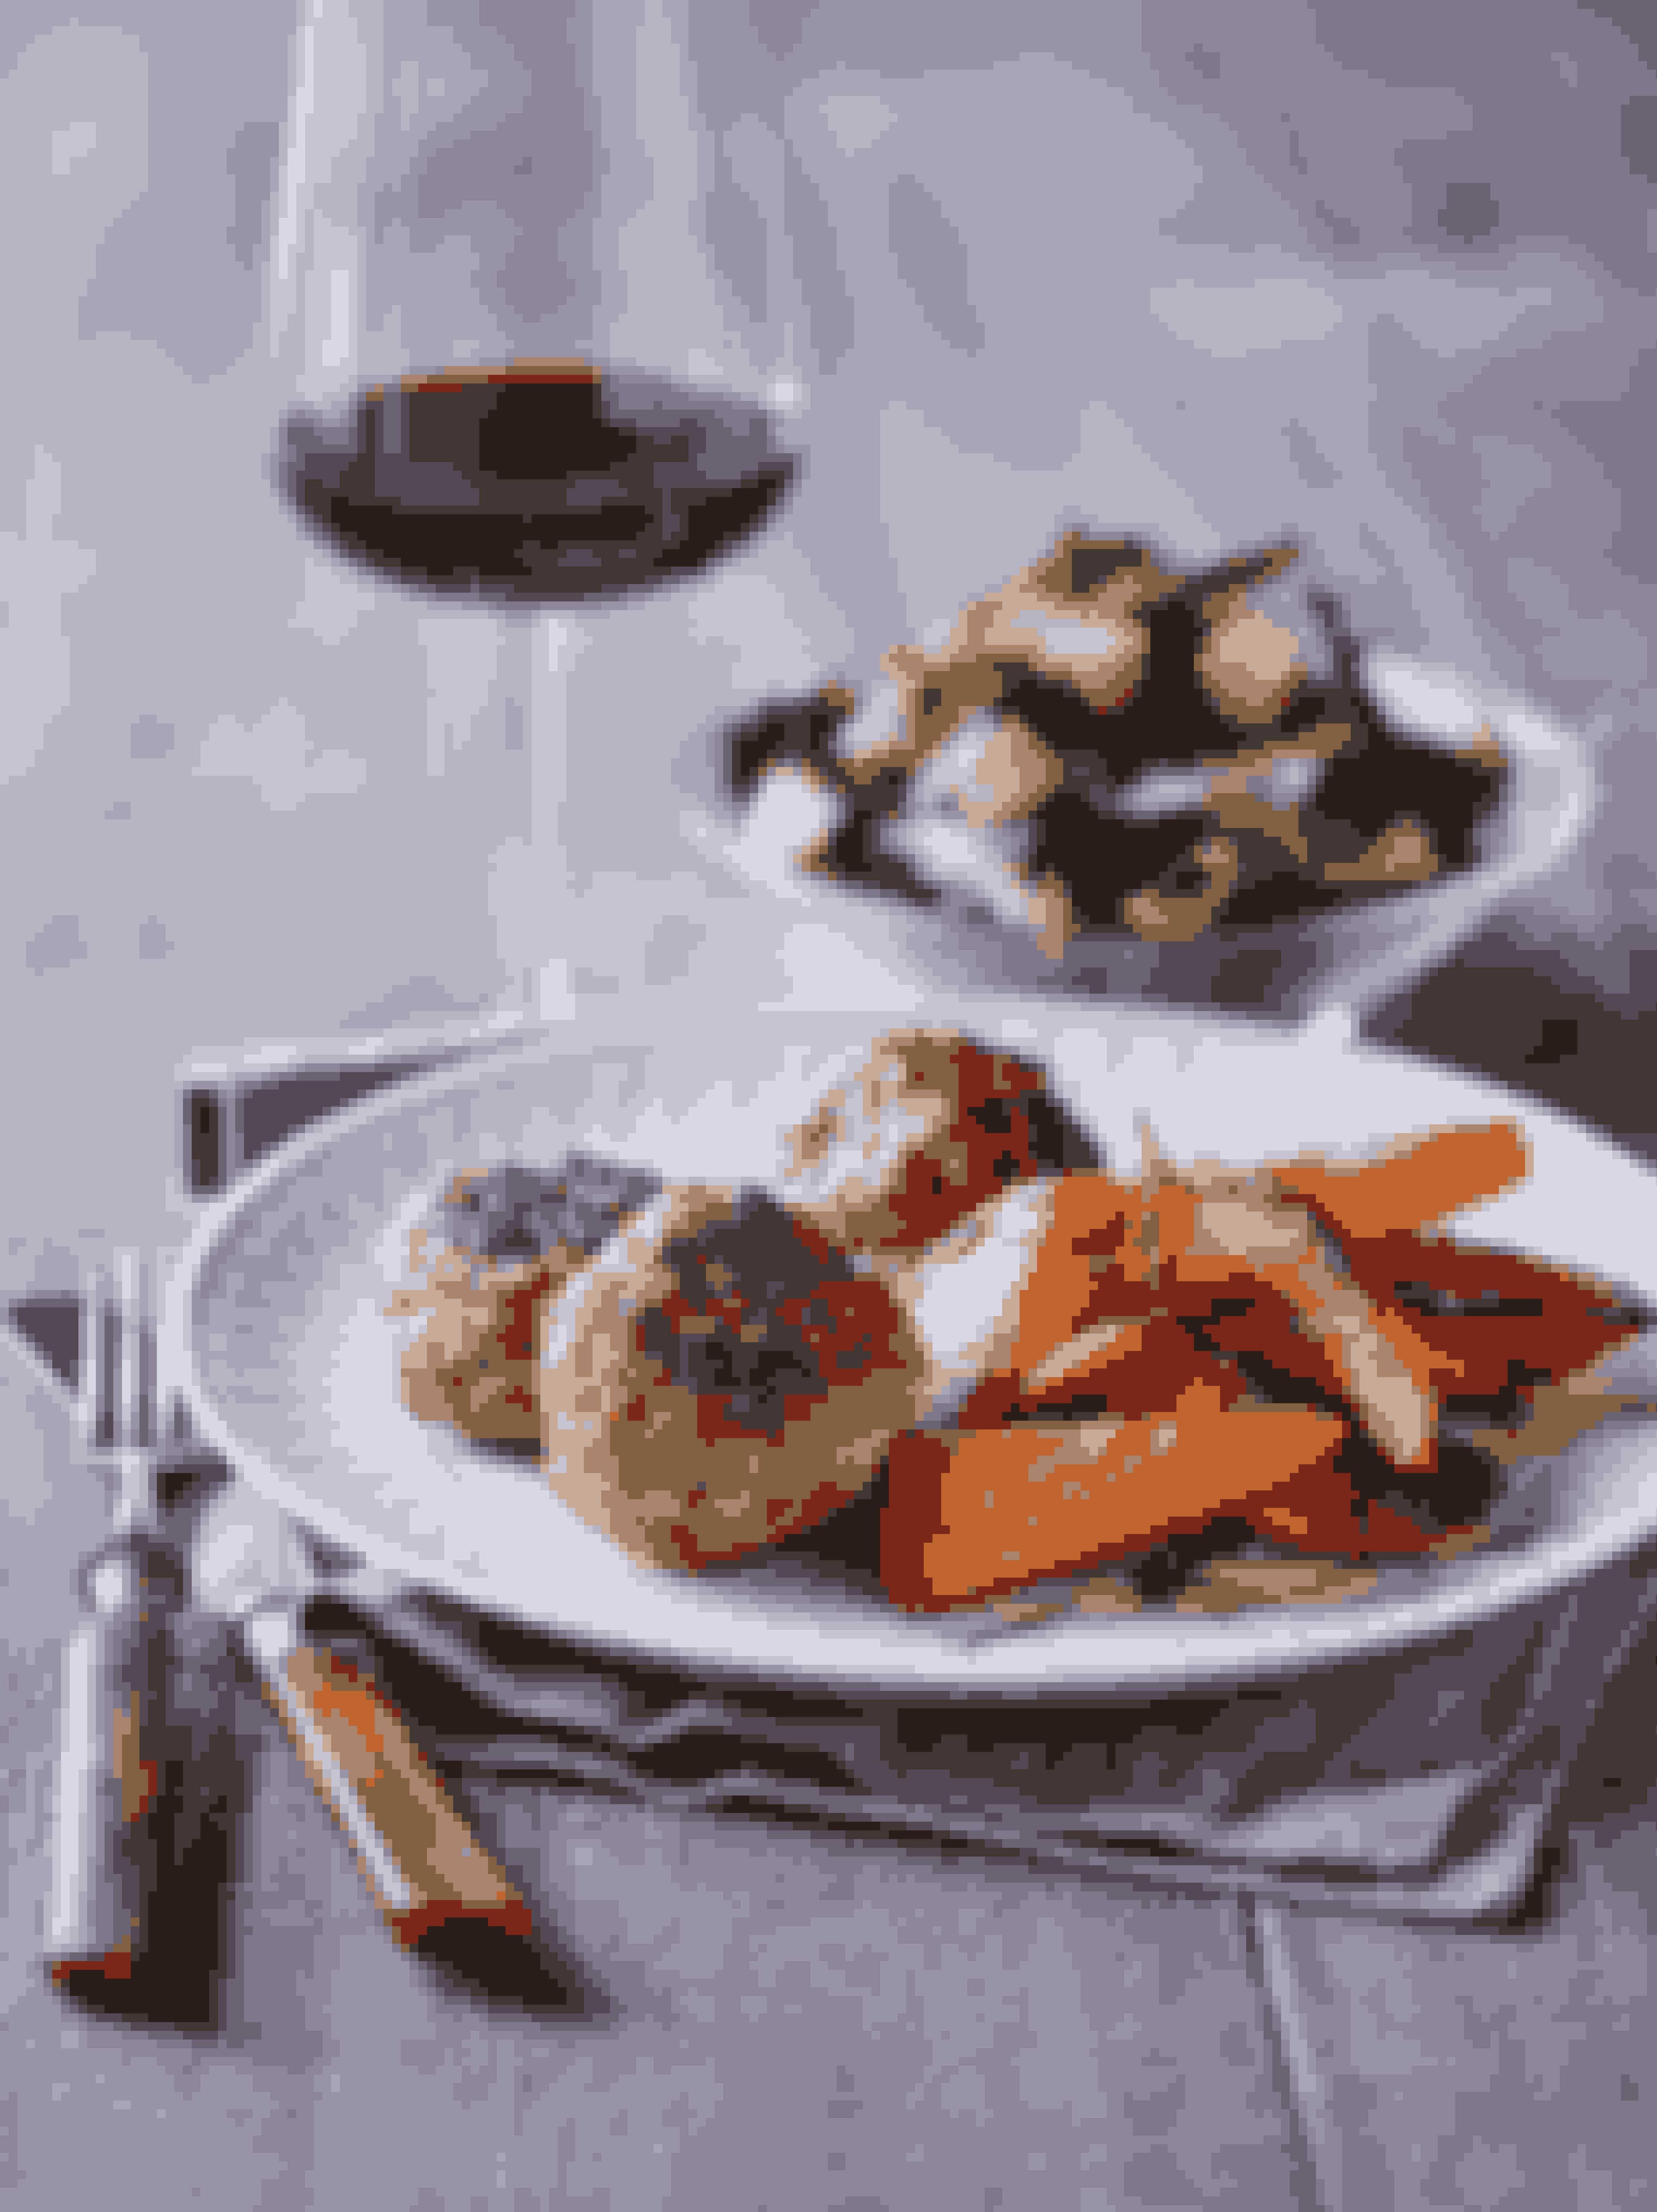 Tilberedningstid inkl. stegetid: 45 minutterMængde: frikadelleopskrift til 4 personerMængde: sweet potato fritter og salat til 1 personDet skal du brugeFrikadeller500 g hakket svine- og kalvekød1 æg1 lille løg, revet1 spsk. raspSaltPeber40 g smør1 sweet potato, mellemstor2 spsk. olivenolie1 håndfuld blandet salat30 g salattern2 spsk. fraiche 5 %Sådan gør duÆlt hakkekødet med æg, løg, rasp, salt og peber. Form 8-10 frikadeller af portionen.Smelt smørret på en varm pande og steg frikadellerne til de er let sprøde og gennemstegte.Skræl sweet potato og skær den i tykke fritter.Varm olien op på en pande og steg fritterne på alle sider, til de er sprøde og fine.Vend salaten med salattern. Brug fraiche 5 % som dressing.Det bør der ligge på din tallerkenTo-tre frikadeller, en håndfuld sweet potato fritter, en håndfuld salat med salattern, to spiseskefulde fraiche 5 %.Sådan fordeler du efter Sense-tallerkenmodellenHåndfuld 1+(2):  Sweet potato, salatHåndfuld 3:  Frikadeller, salatternFedt:  Smør og olie til stegningMælkedressing:  Fraiche 5 %Tip: Brug rodfrugter eller hokaido i stedet for sweet potato.Tip: Steg en stor portion frikadeller og frys resten.Tip: Der kan blive plads til et lille glas vin engang imellem, hvis du sparer håndfuld 4, som her.